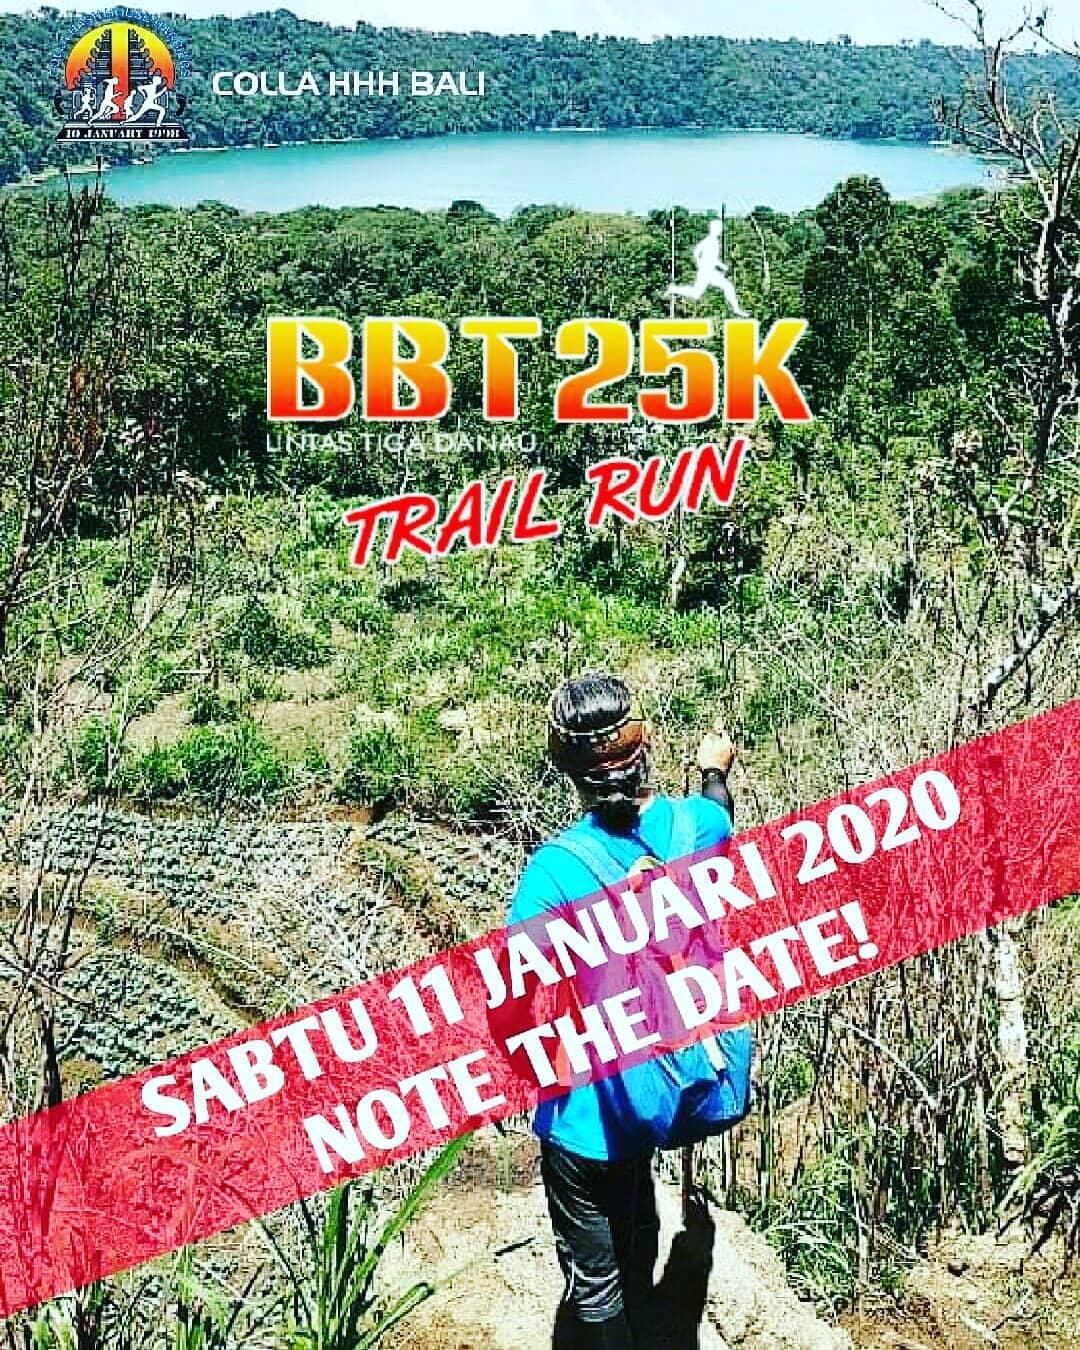 BBT 25K • 2020